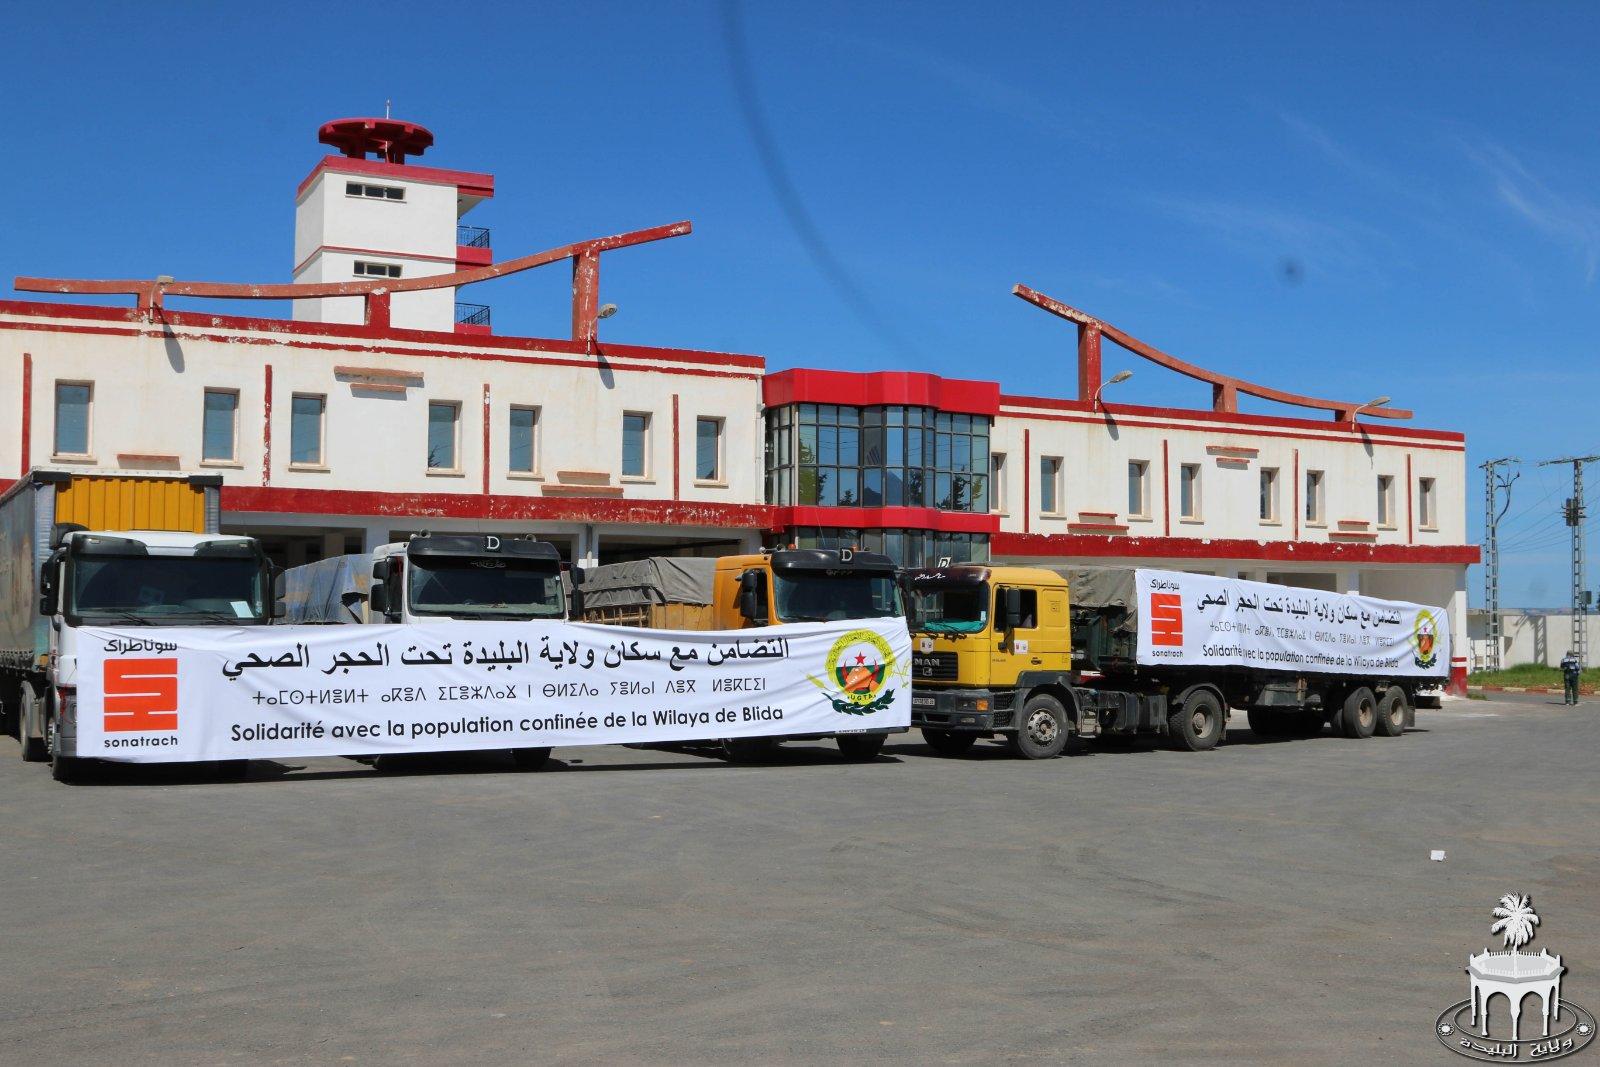 صورة ولاية البليدة تتسلم 250 طنا من المساعدات الغذائية:مجمع سوناطراك يساهم ب420 مليون دينار كمساعدات غذائية خلال الشهر الفضيل